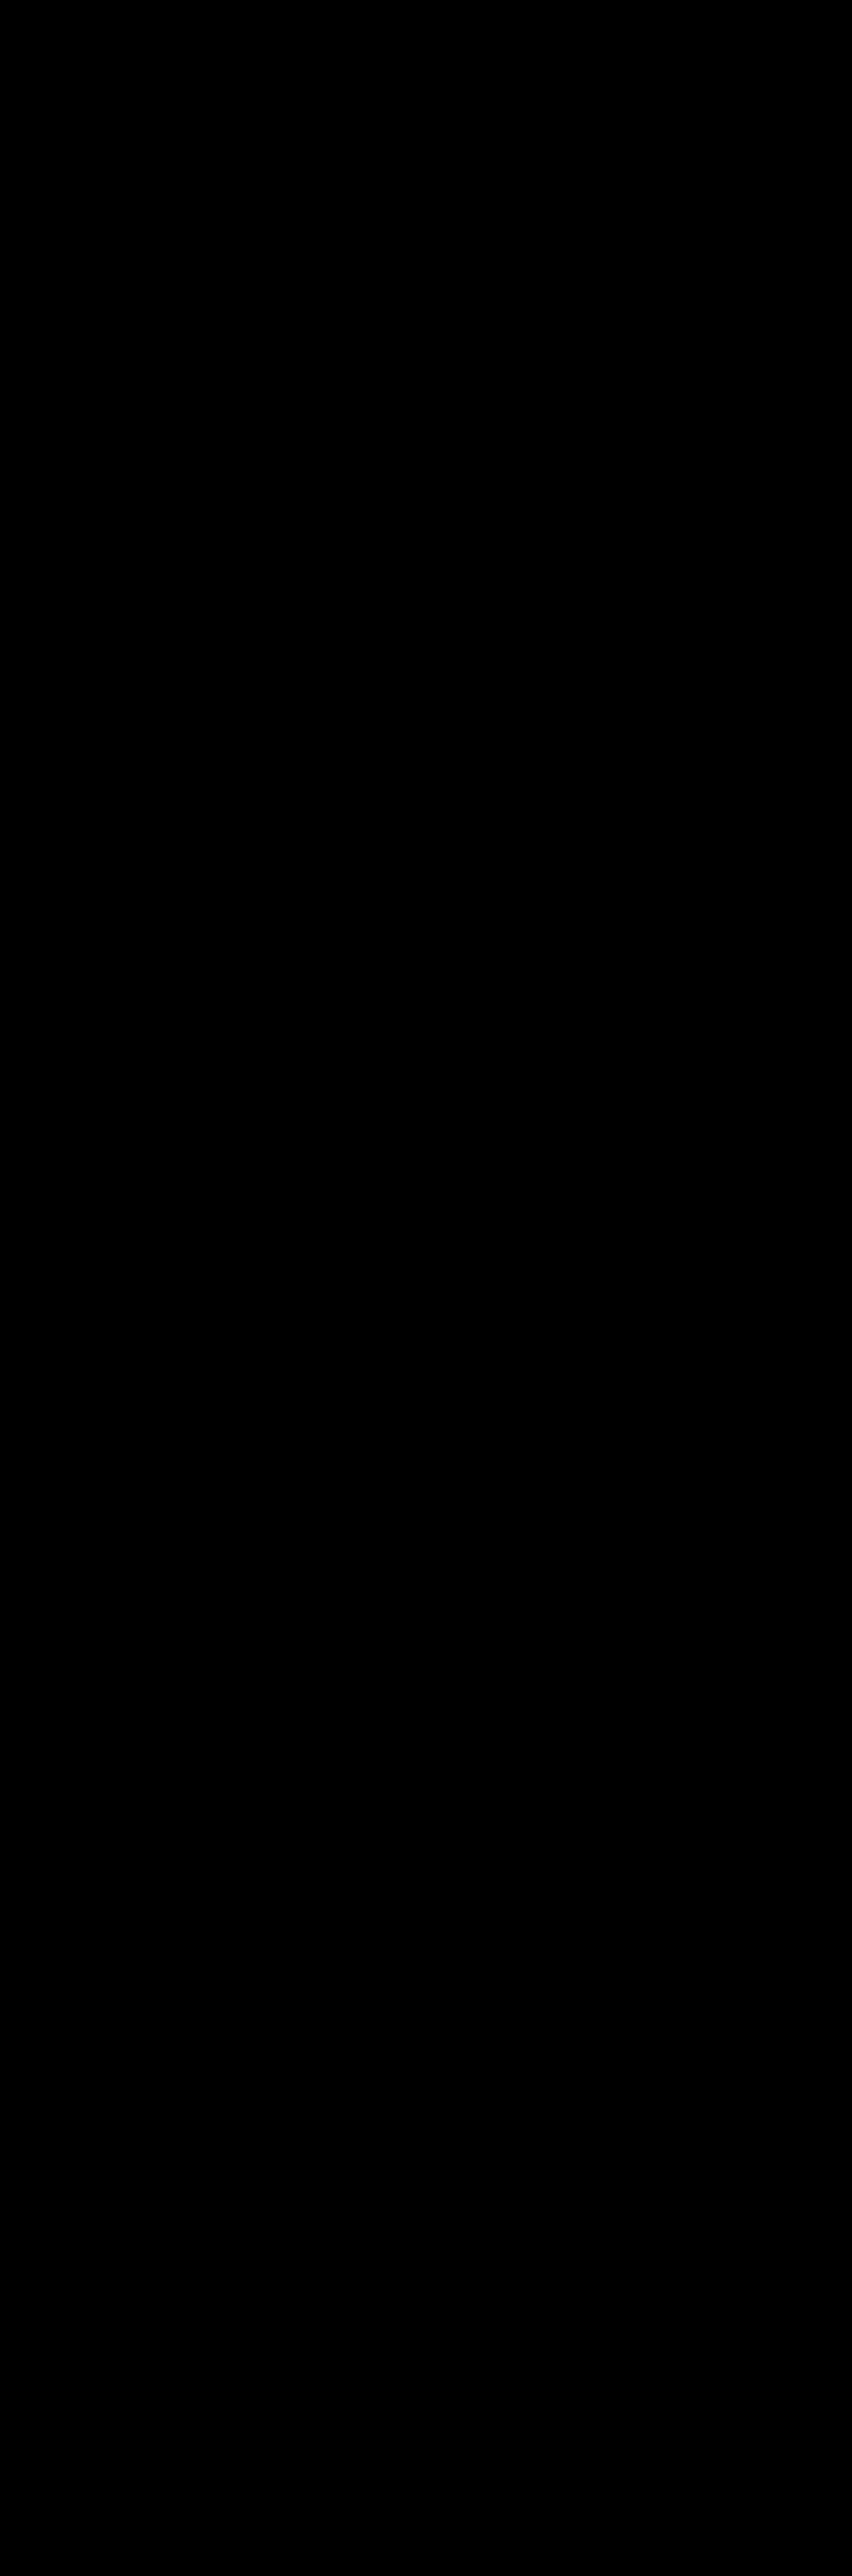 7 conseils pour faire dormir votre enfant plus facilement